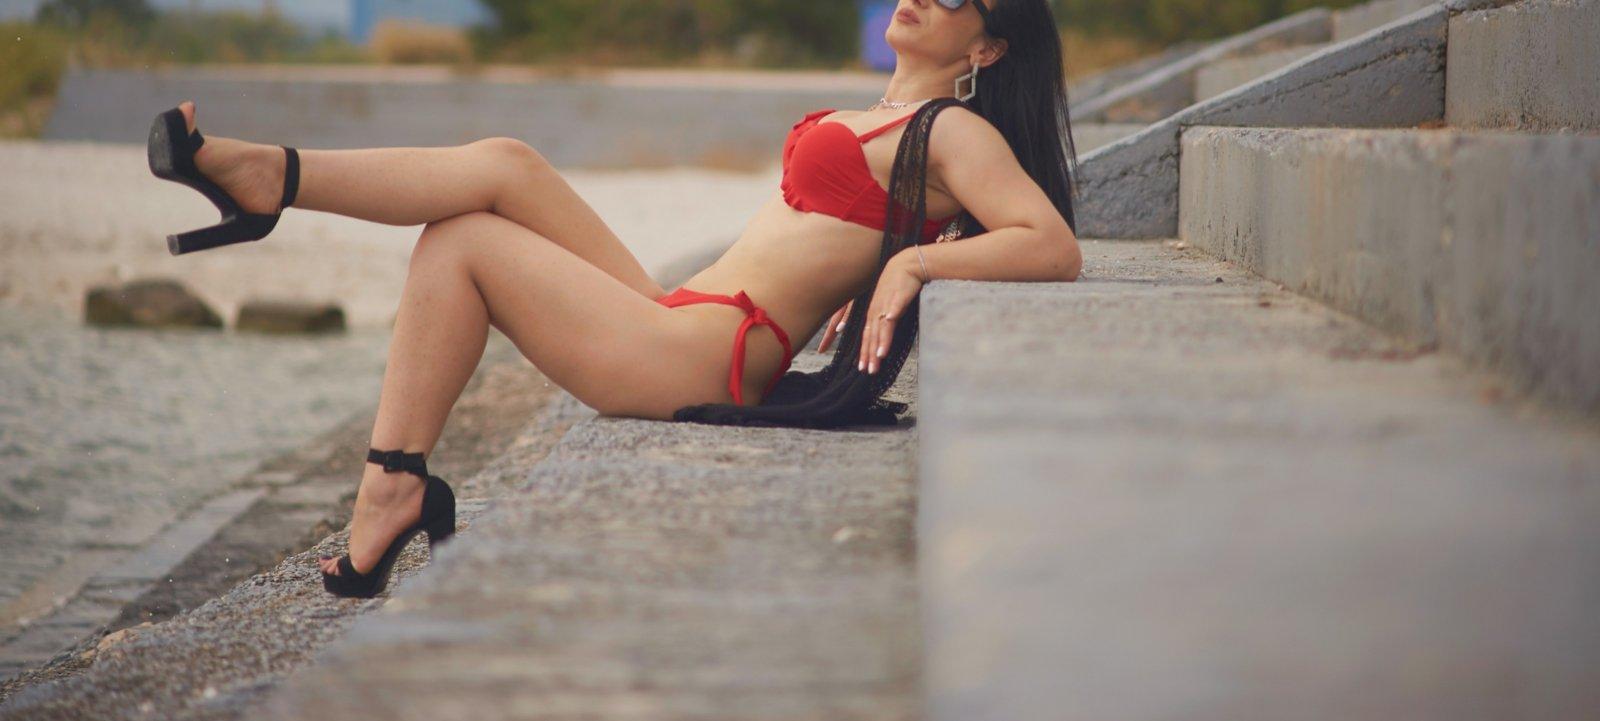 Ανεξάρτητη escort Πάολα - Εικόνα1